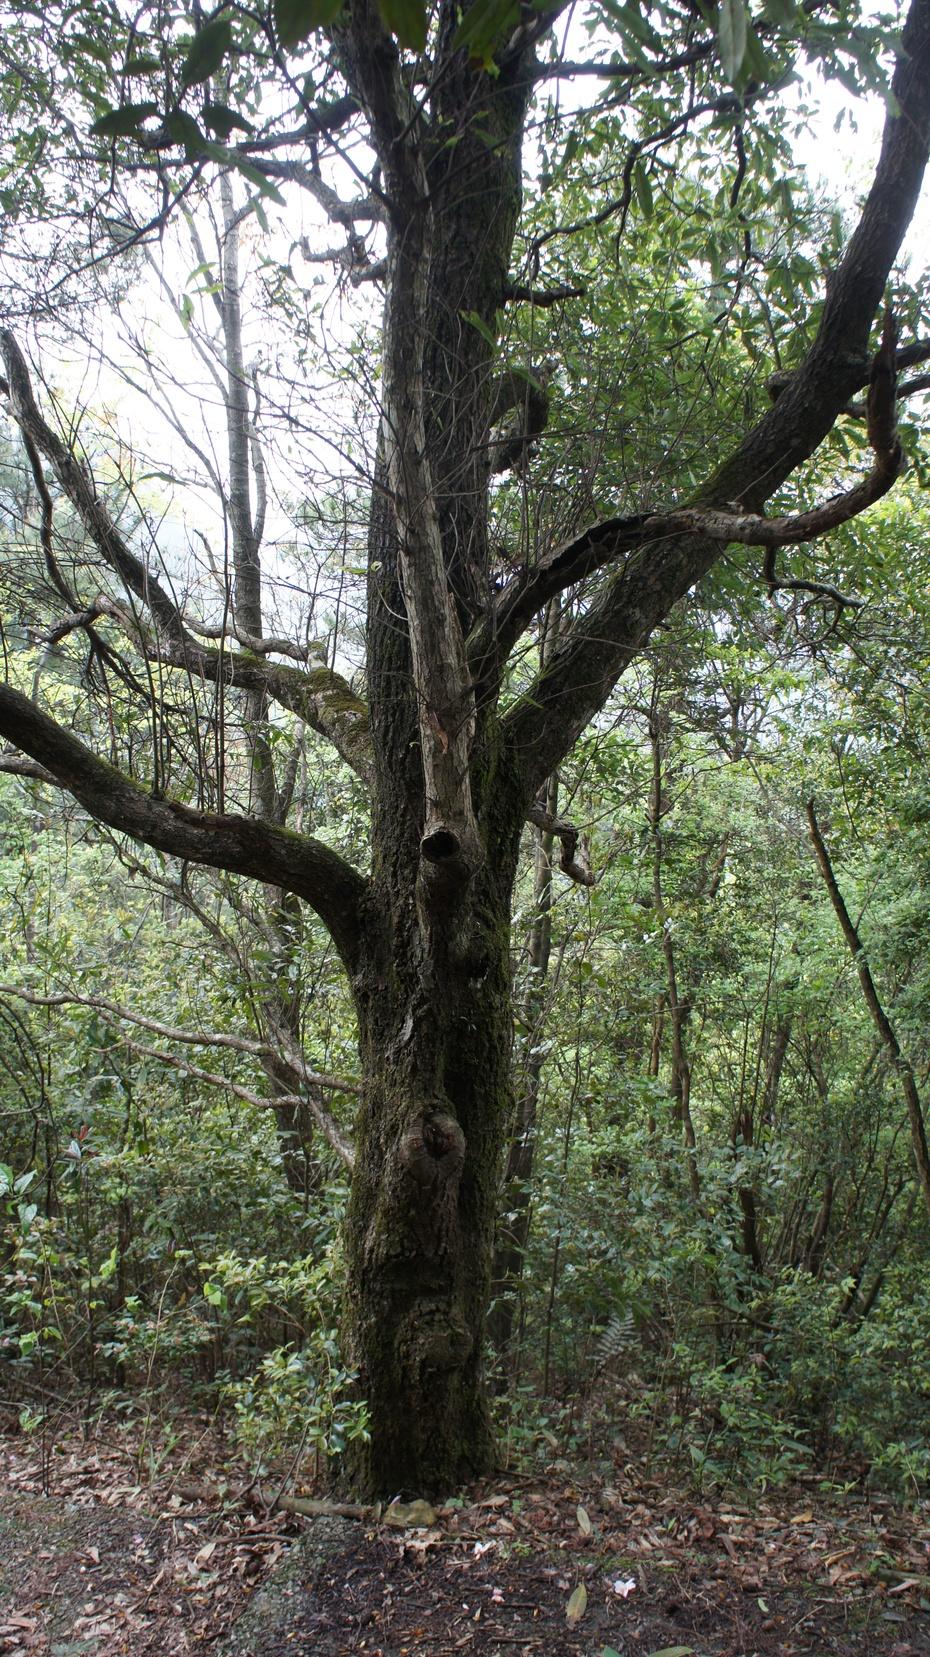 走进花坪保护区 感受自然原生态 - 余昌国 - 我的博客